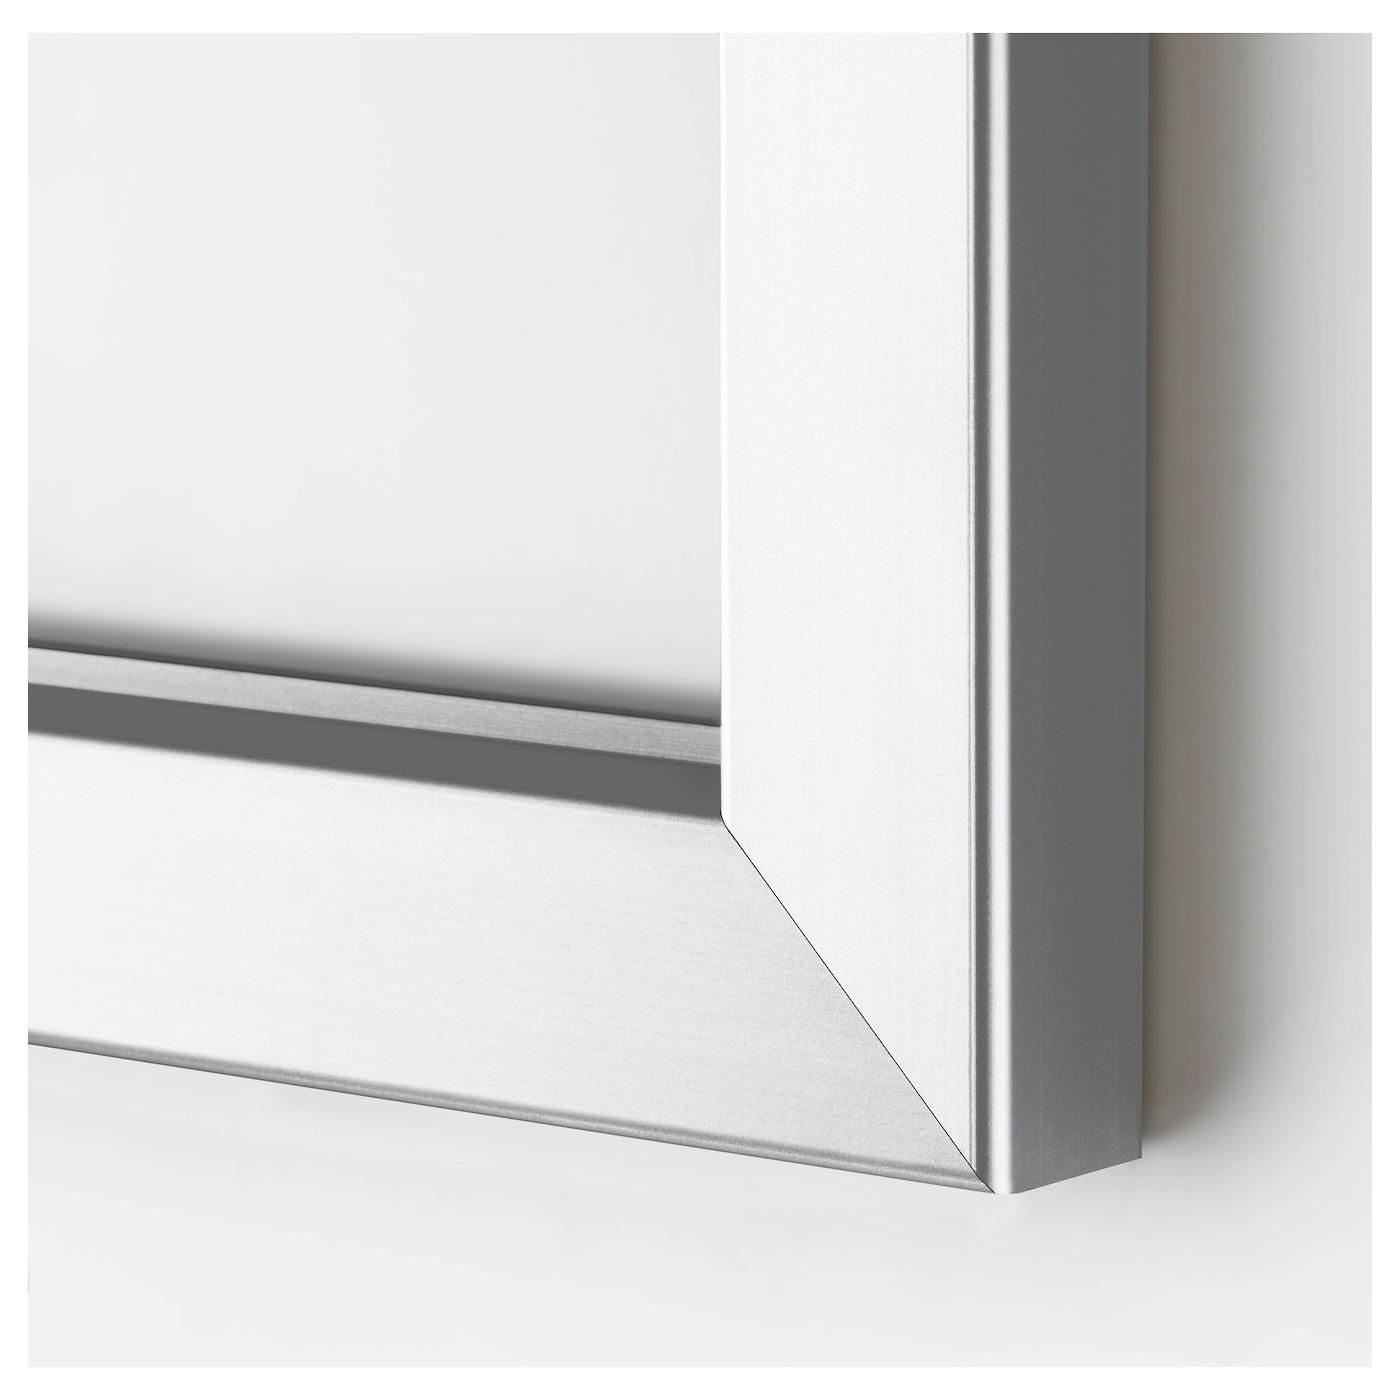 Cadre Photo Sur Pied Ikea bjÖrksta cadre - couleur aluminium 140x100 cm